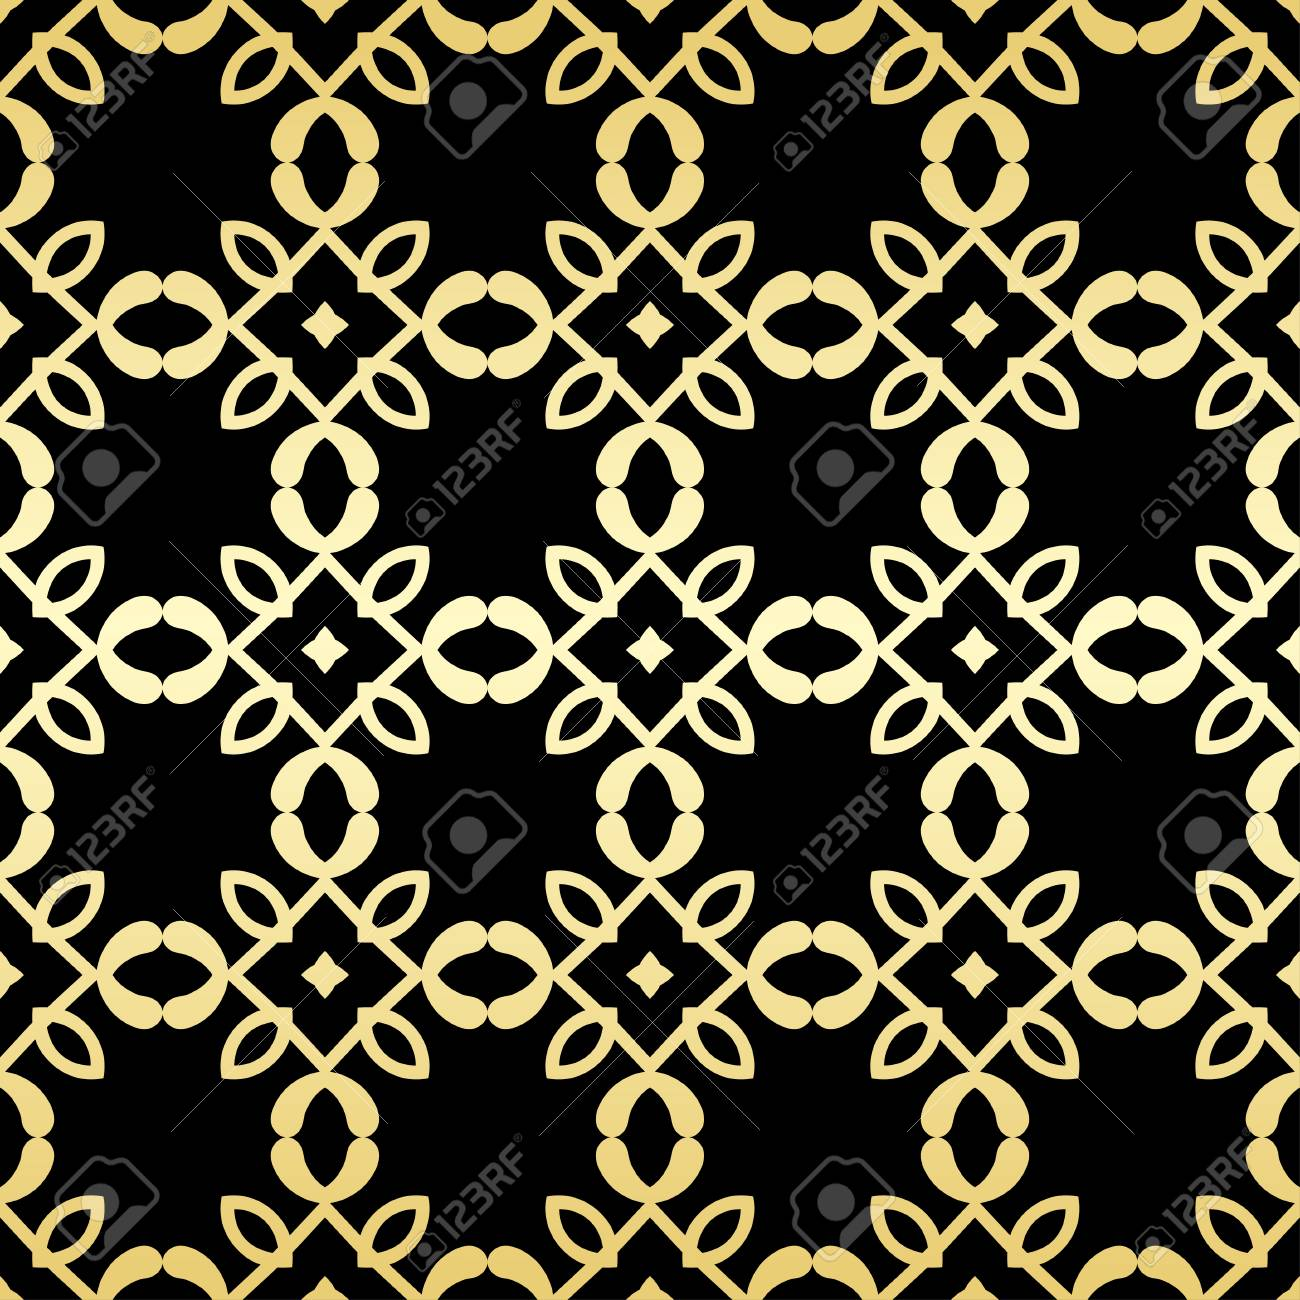 Ornamentale Tapeten Vektor Luxus Hintergrund Vintage Blumenmuster